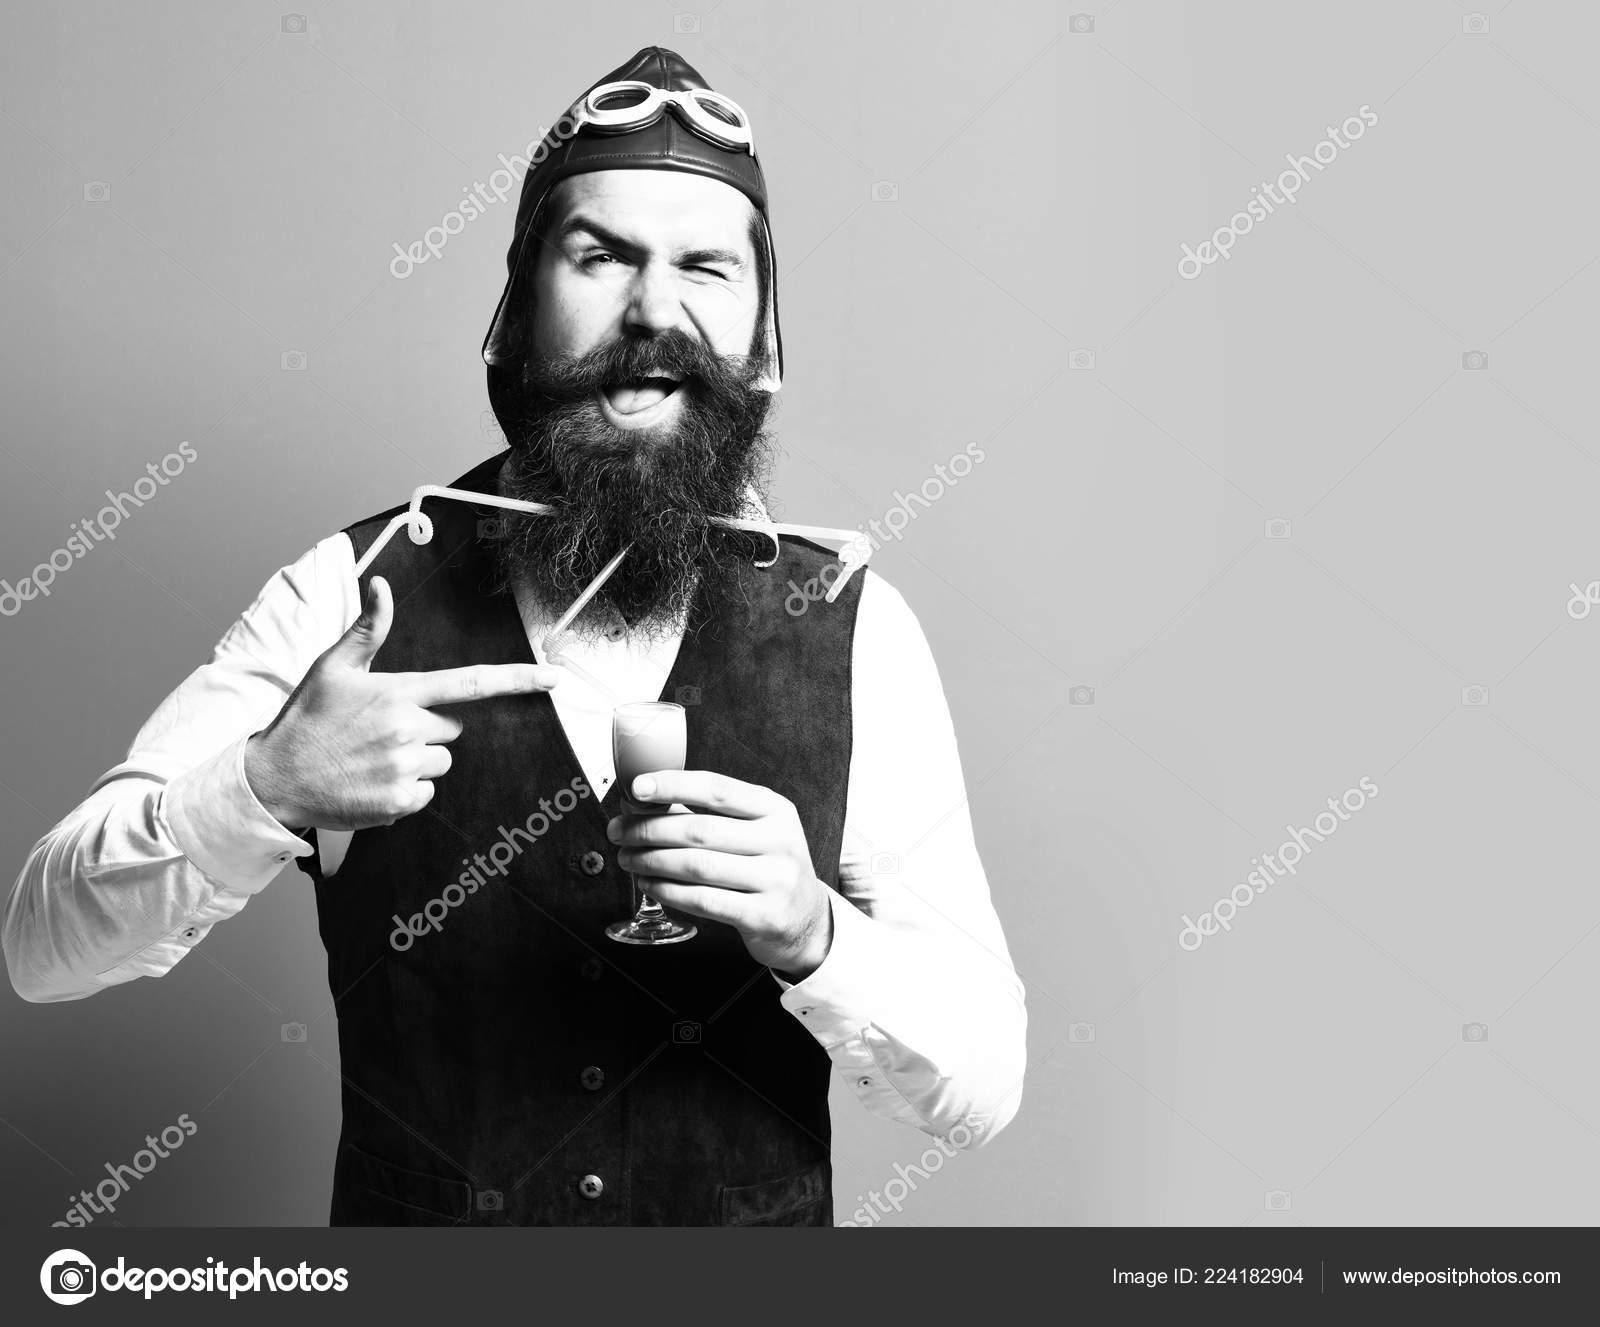 guapo con barba piloto o aviador hombre con larga barba y bigote en ...